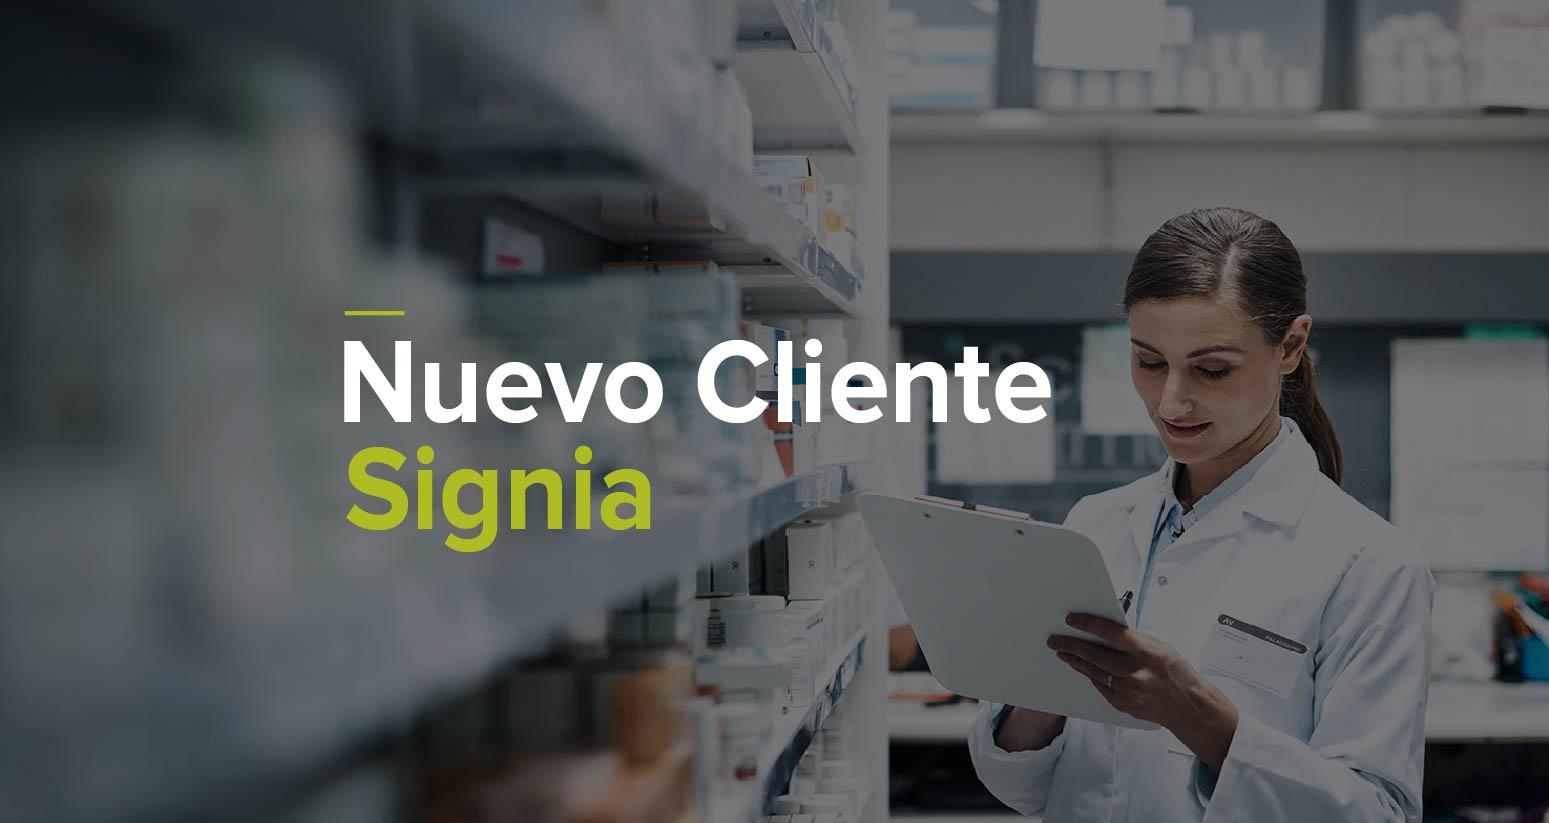 Nuevo Cliente Infor SCE - Signia